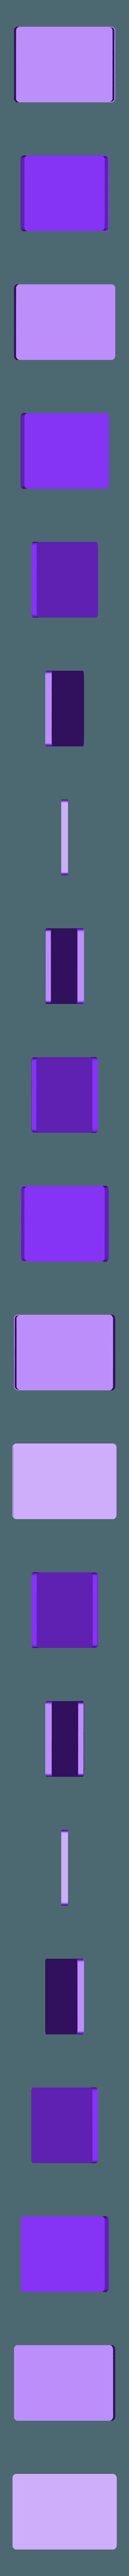 mage_wars_academy_card_holder_cover.stl Télécharger fichier SCAD gratuit Porte-cartes/jeton de l'Académie Mage Wars • Plan à imprimer en 3D, ksuszka